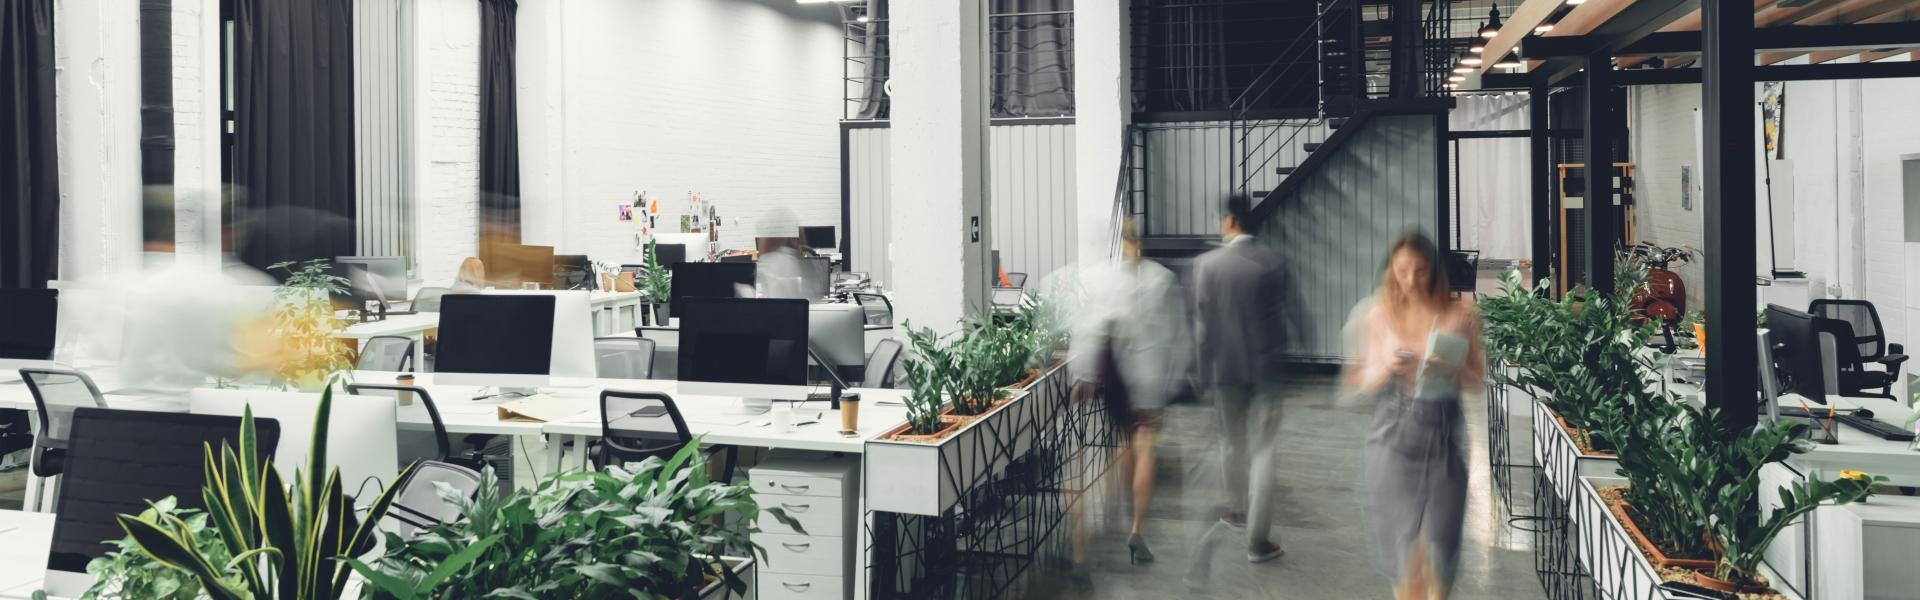 Industrie e uffici